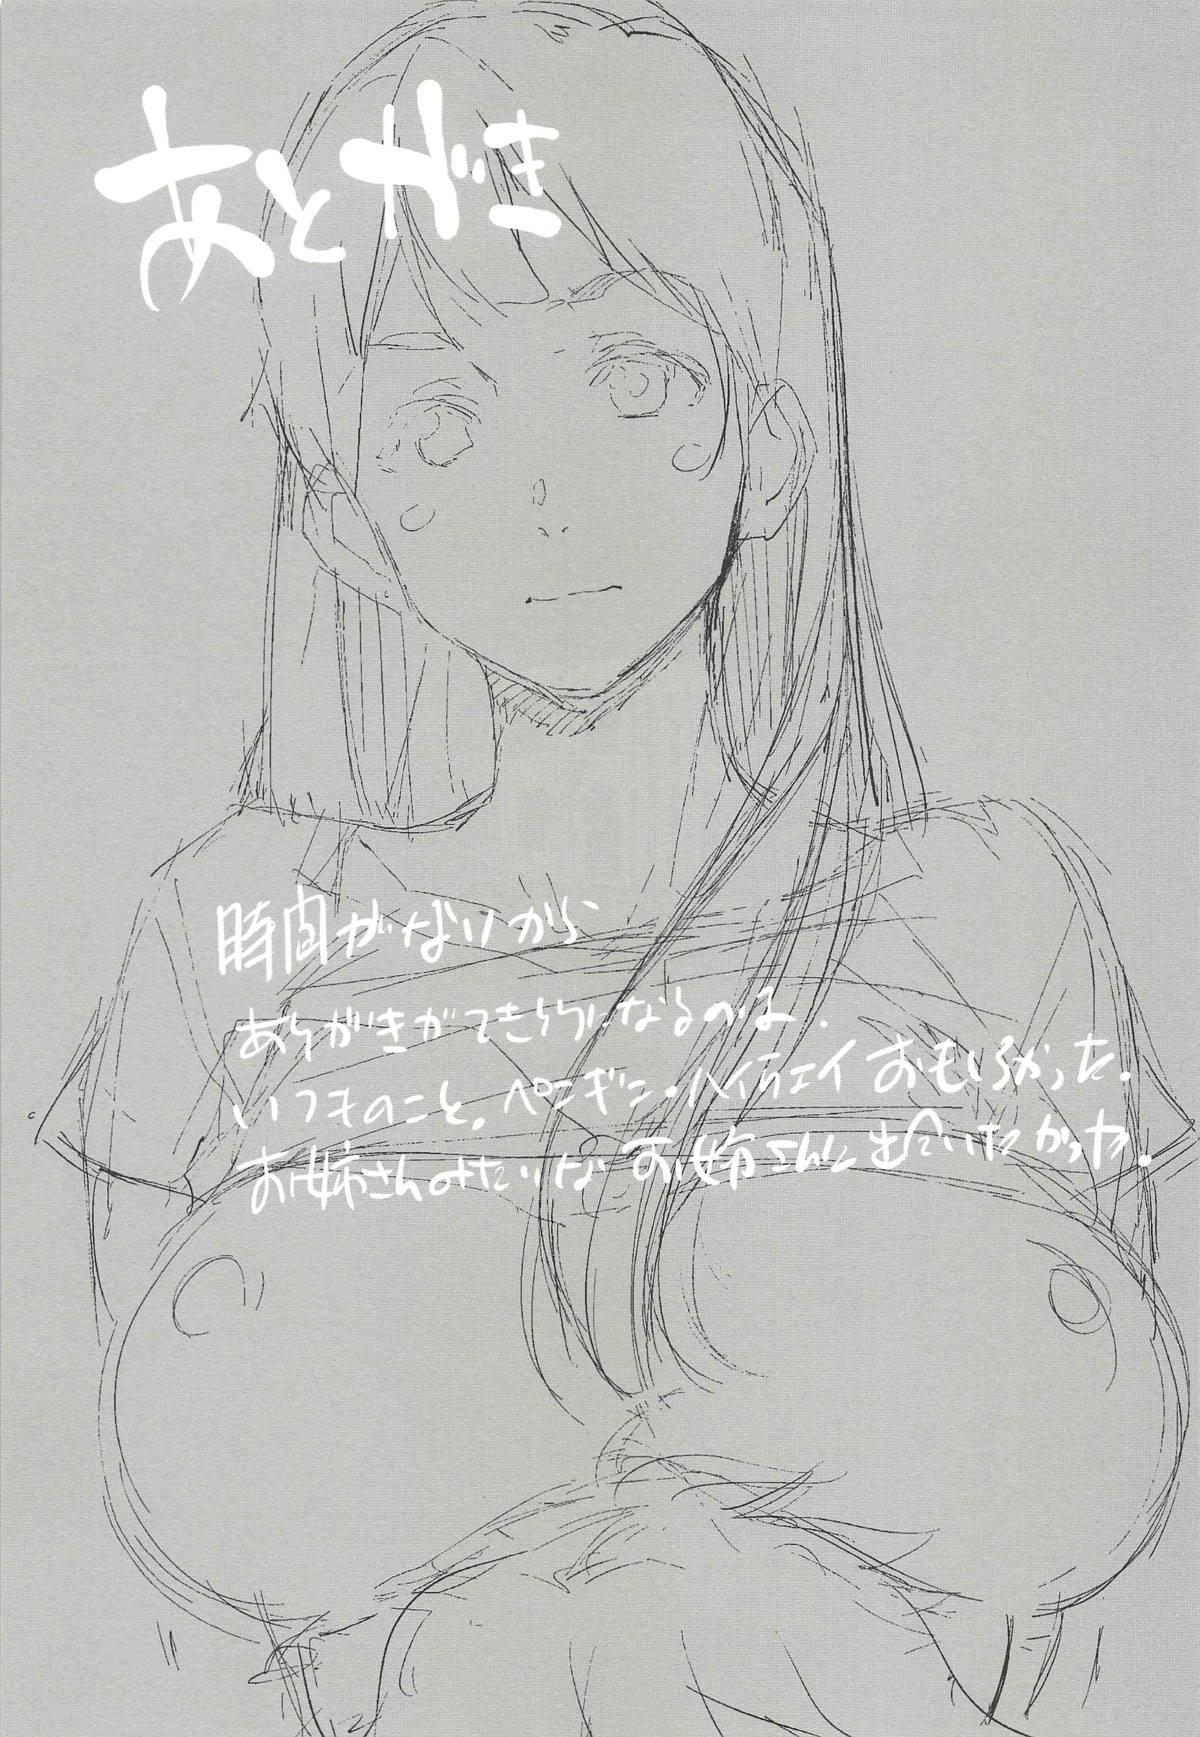 (COMIC1☆14) [Camrism (Kito Sakeru)] Oppai Highway - Onee-san no Kenkyuu (Penguin Highway) 23